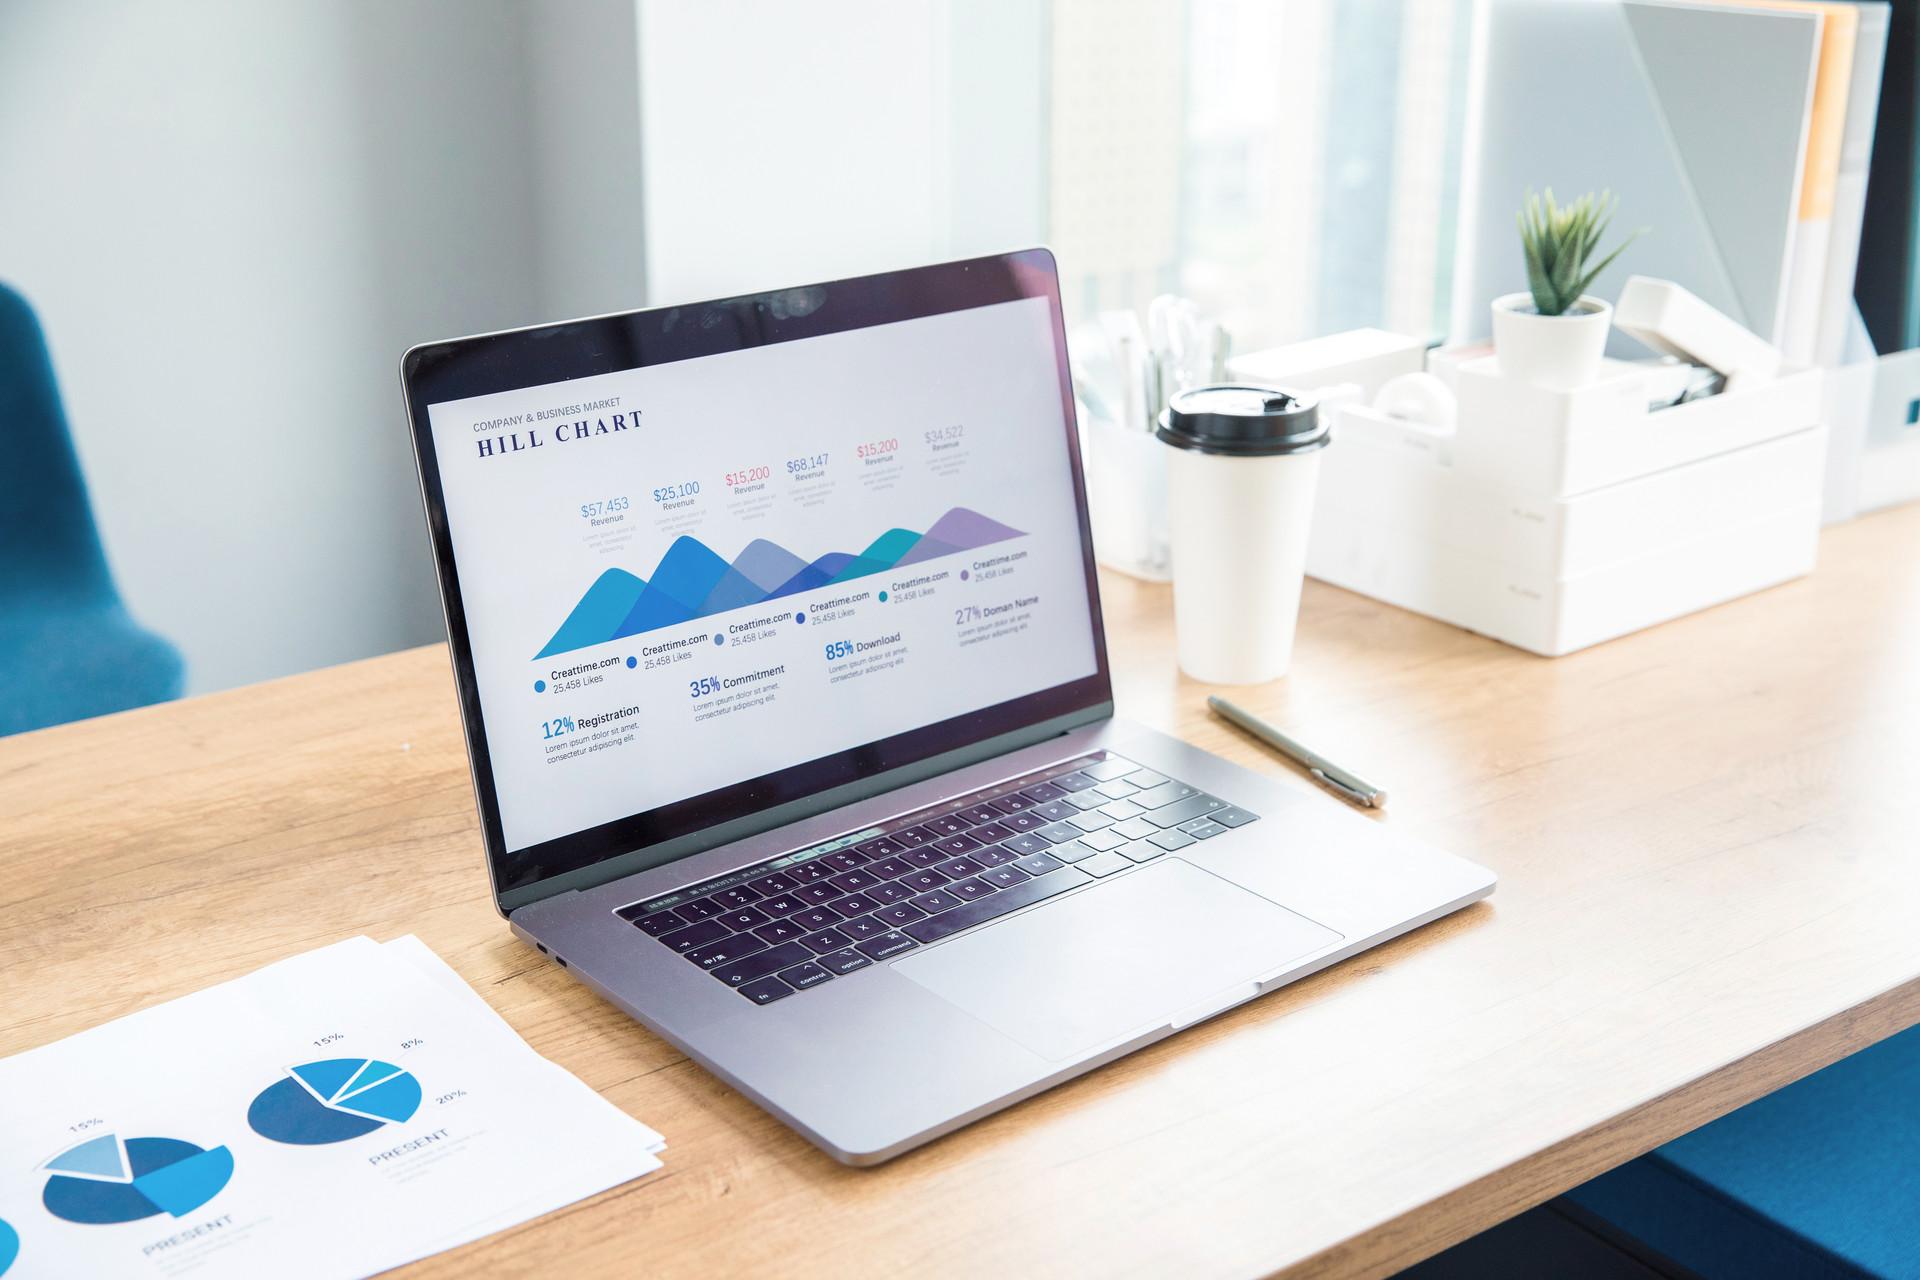 招聘的数据有什么作用?